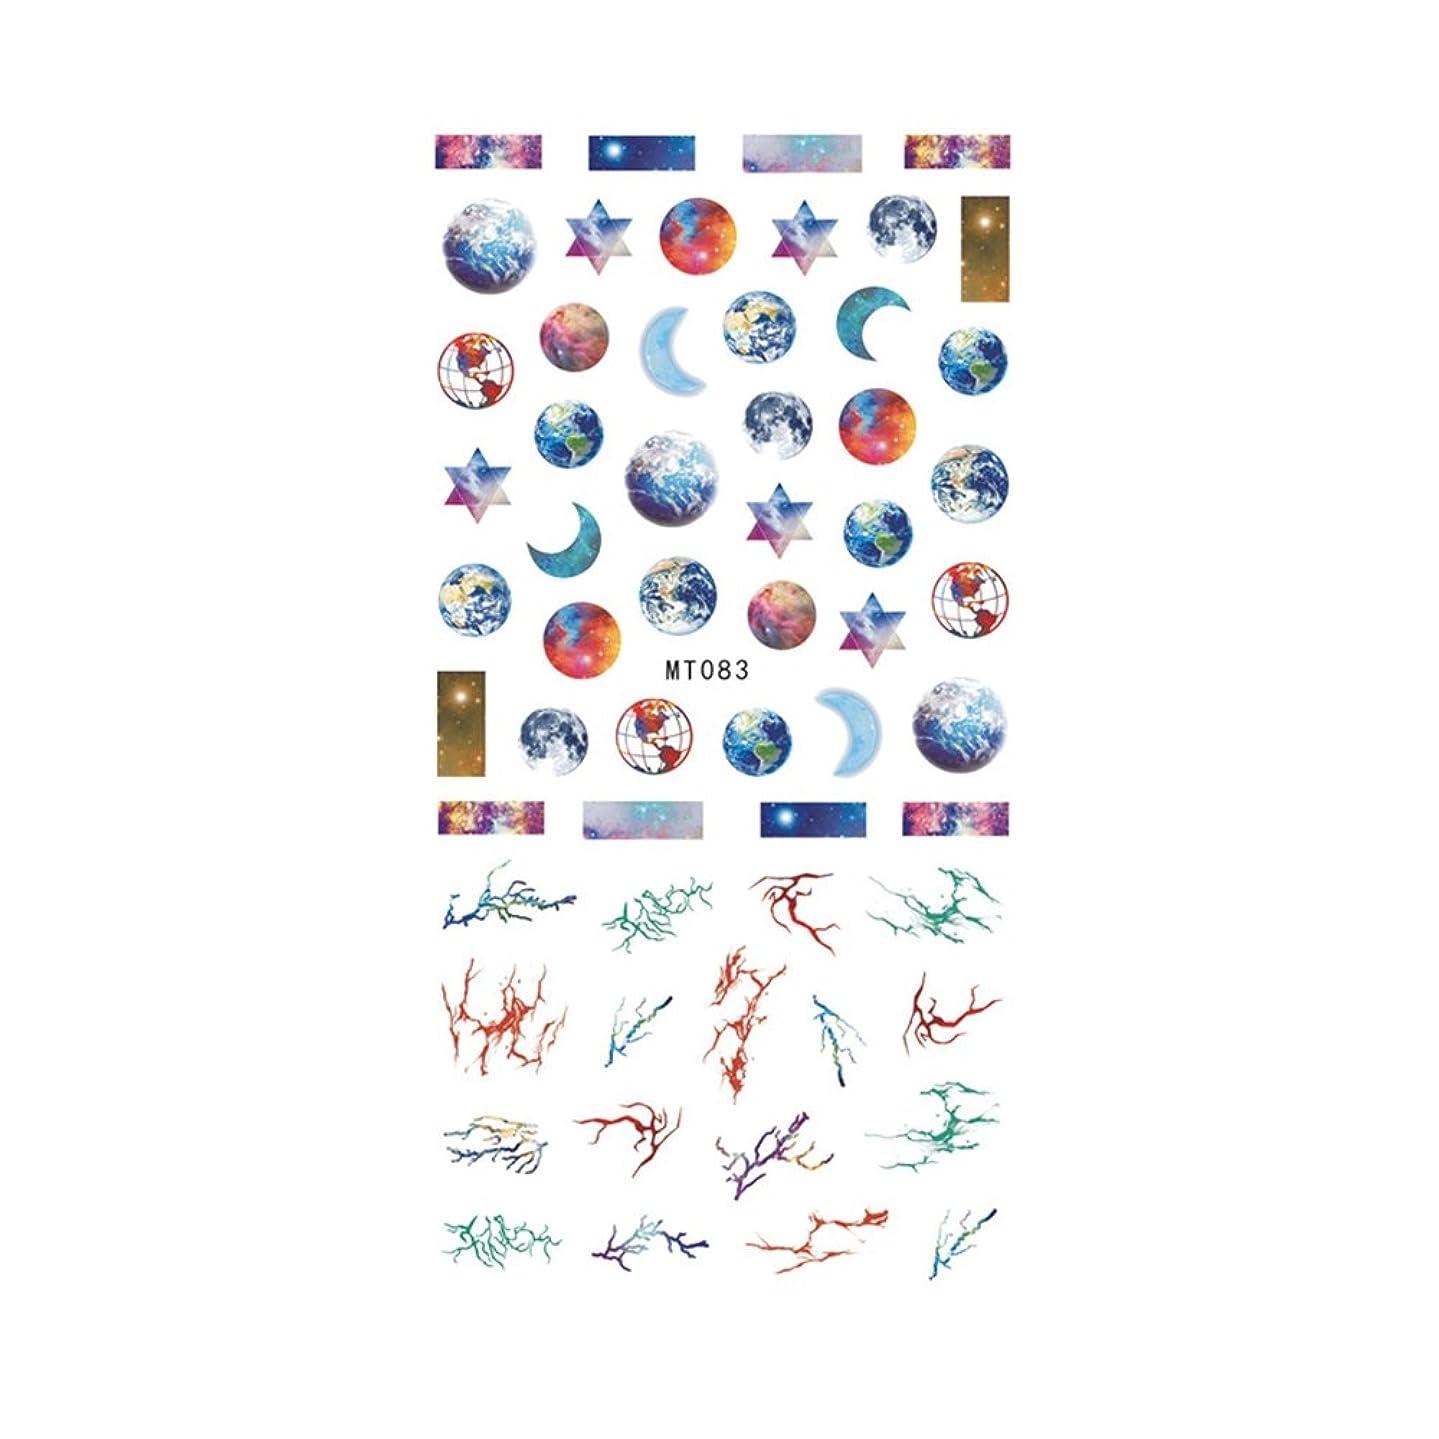 【MT083】ギャラクシーネイルシール ネイルアート 地球 宇宙 コズミック アース 大理石